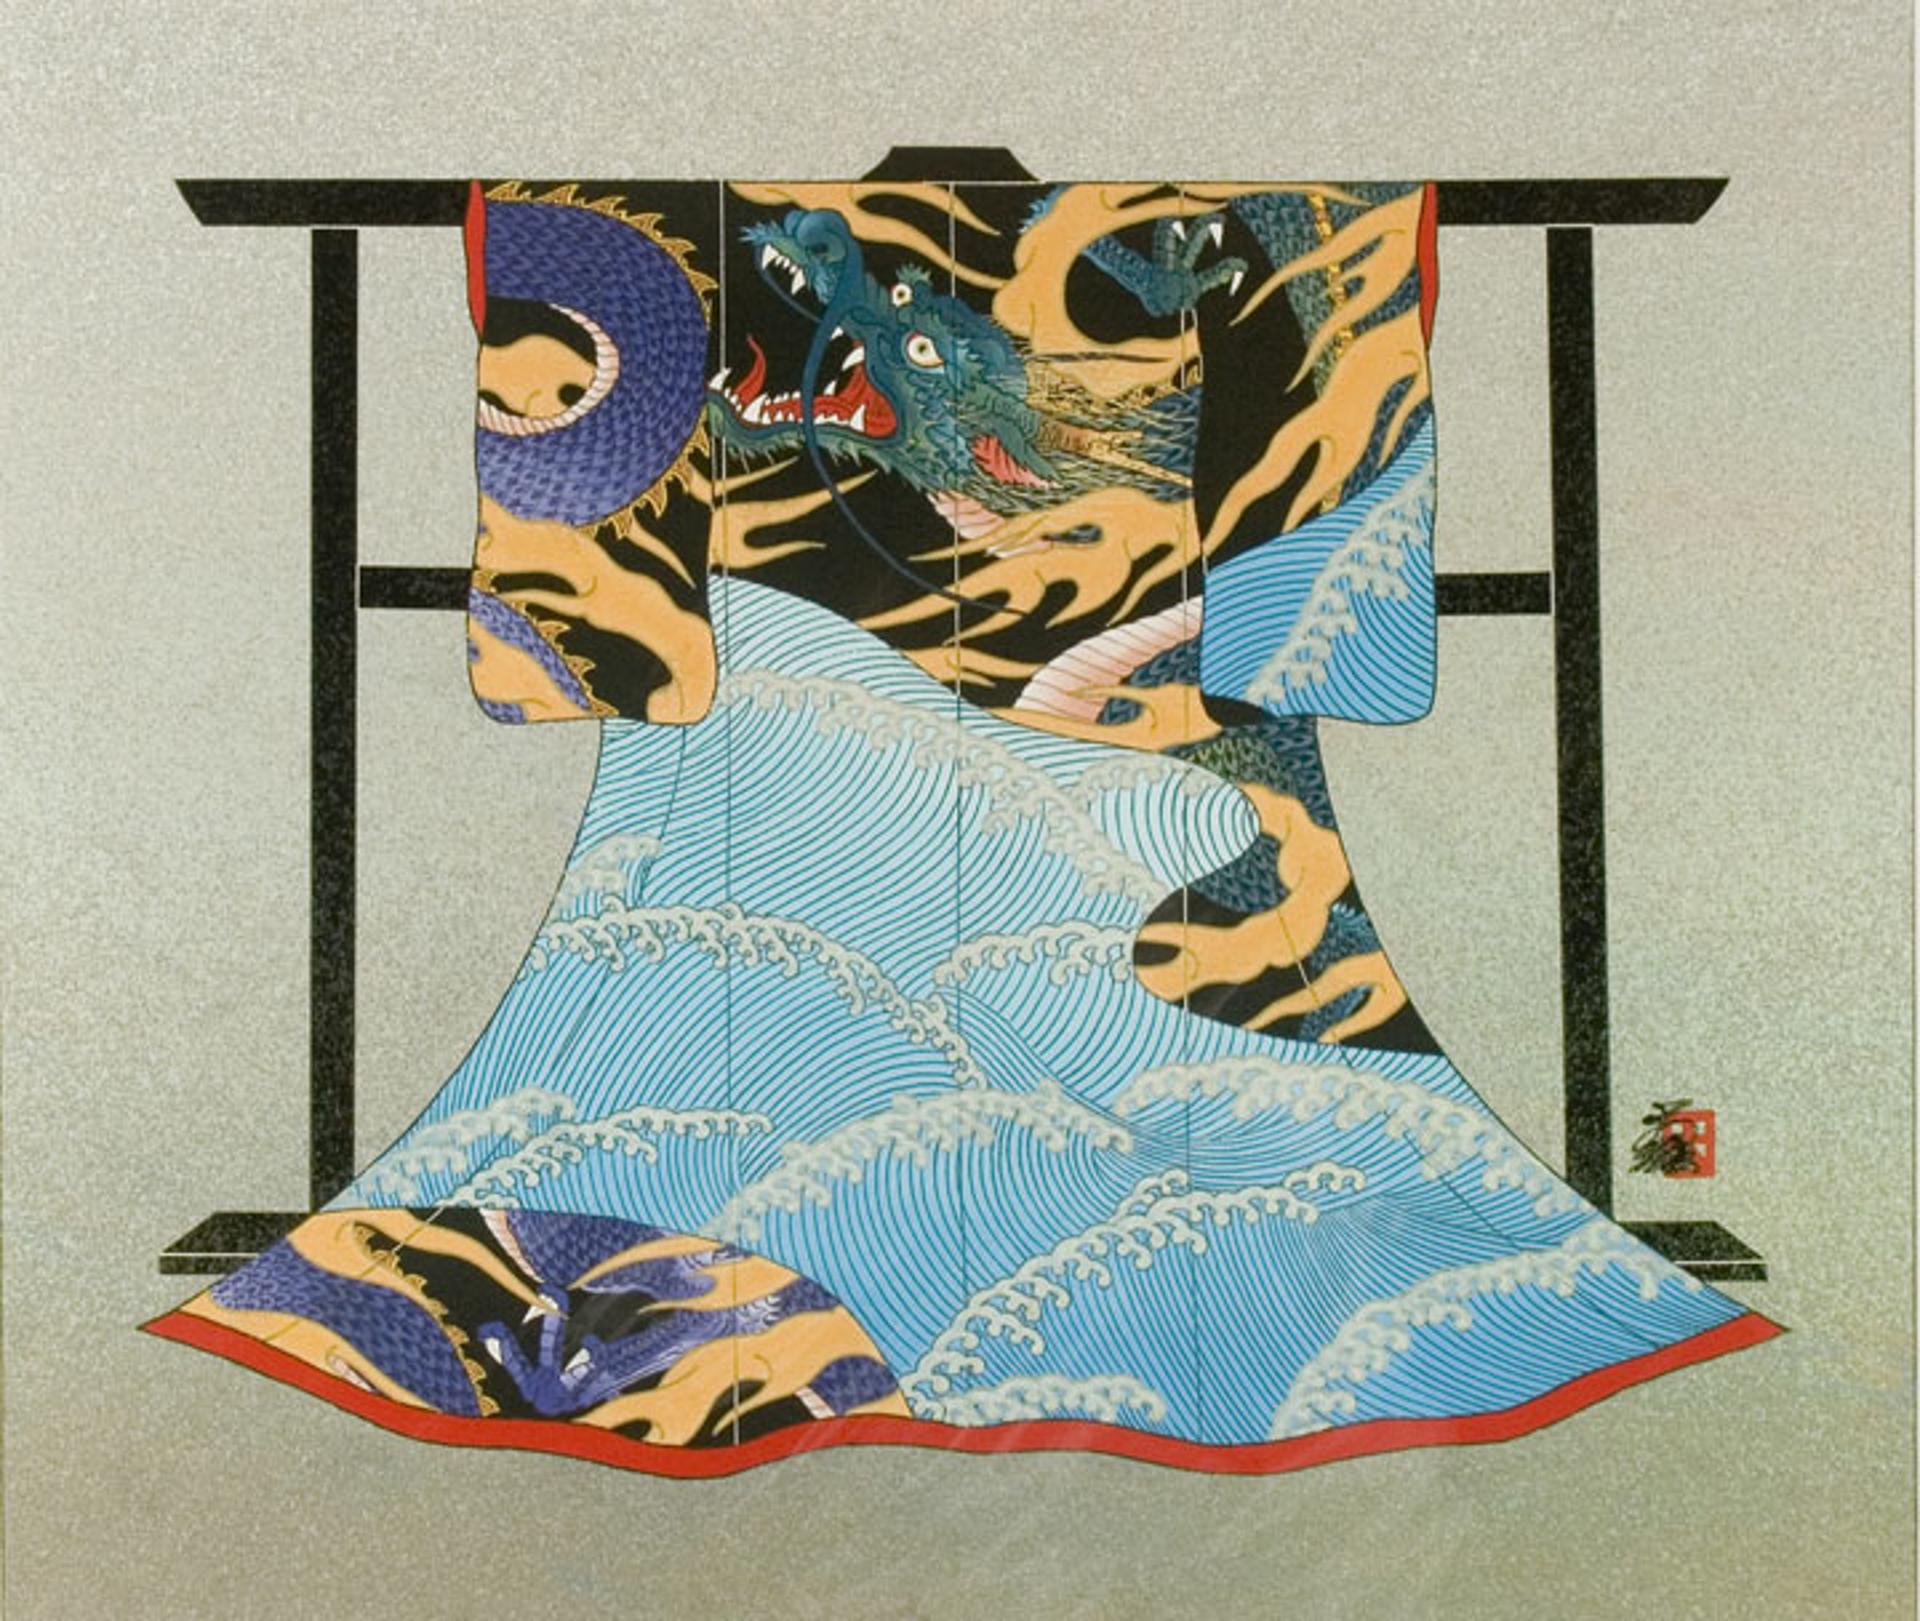 Waves Of The Dragon by Hisashi Otsuka